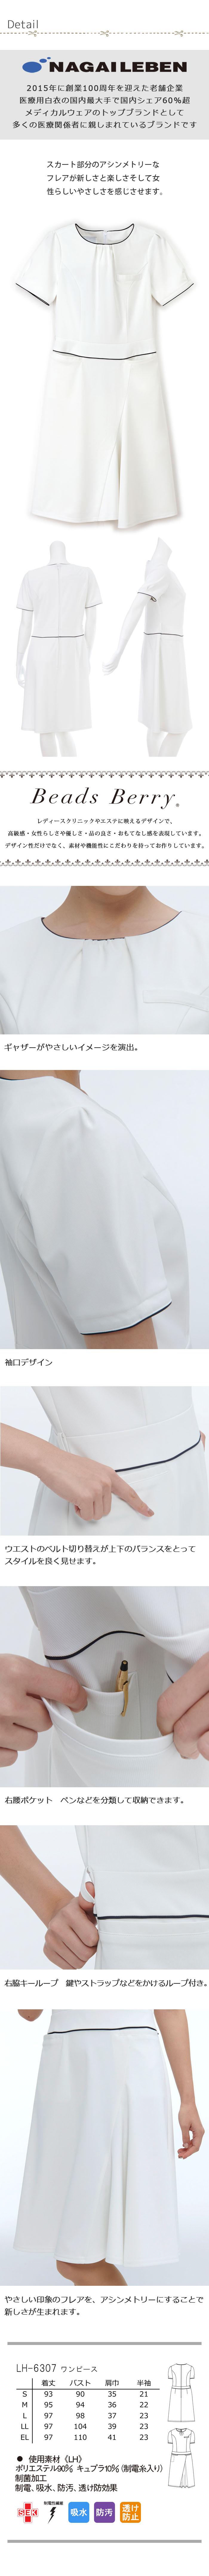 【歯科・美容クリニックユニフォーム】スカート部分のアシンメトリーが新しいワンピース。【女性用1色】